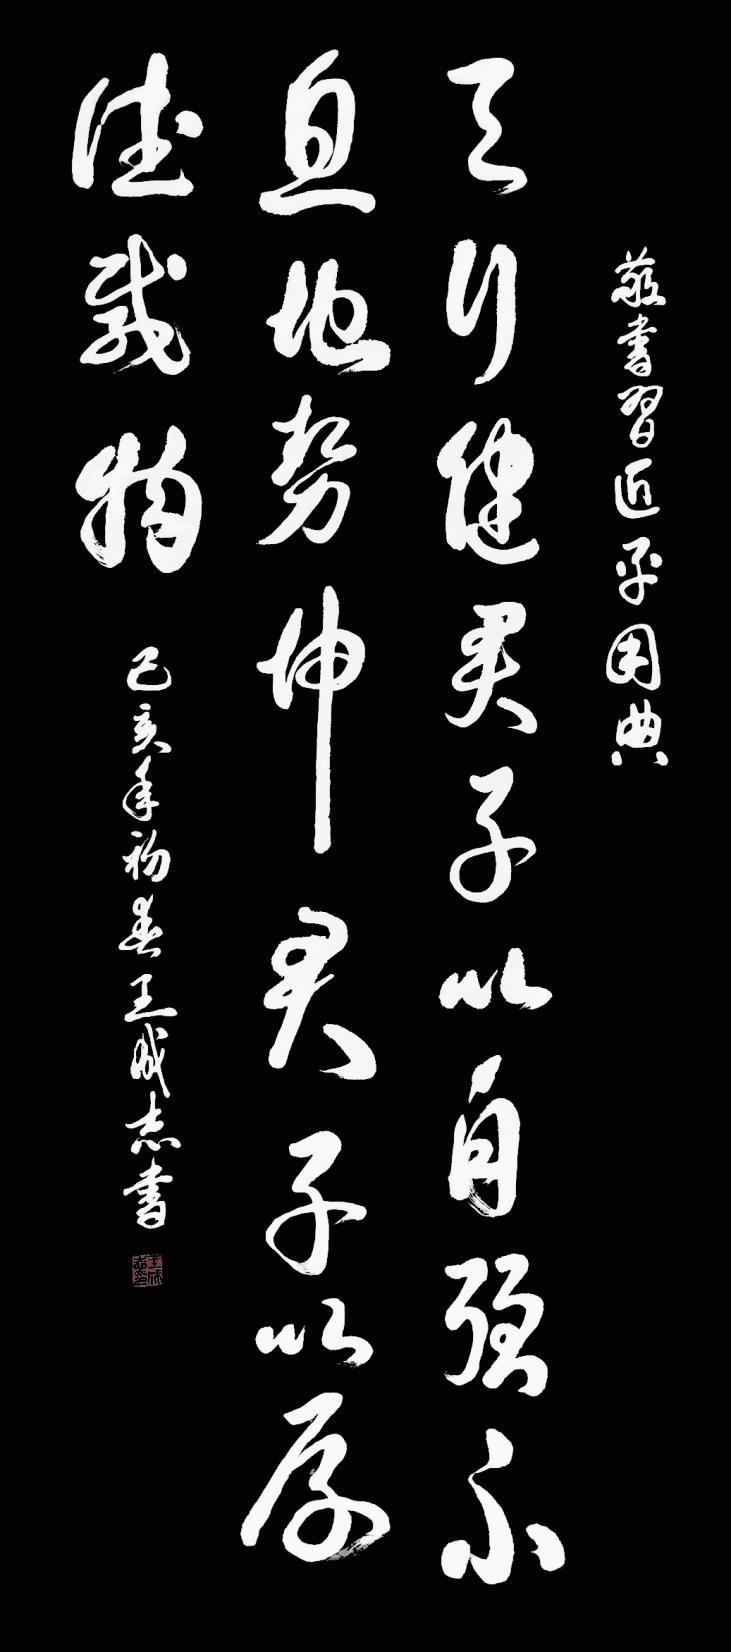 枕戈梦攥笔 挥洒留墨香——王成志将军书法印象